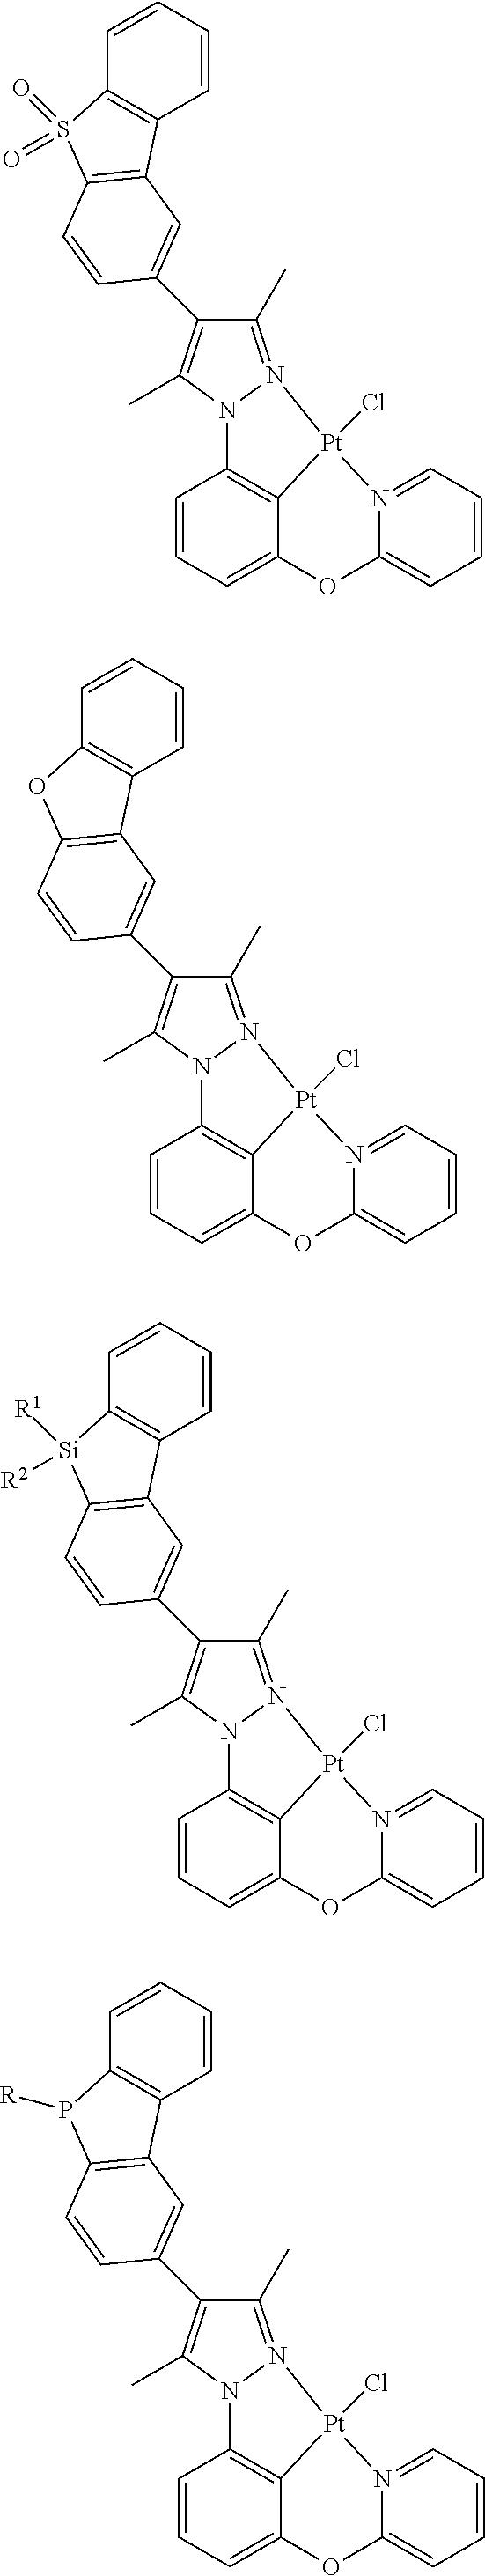 Figure US09818959-20171114-C00132